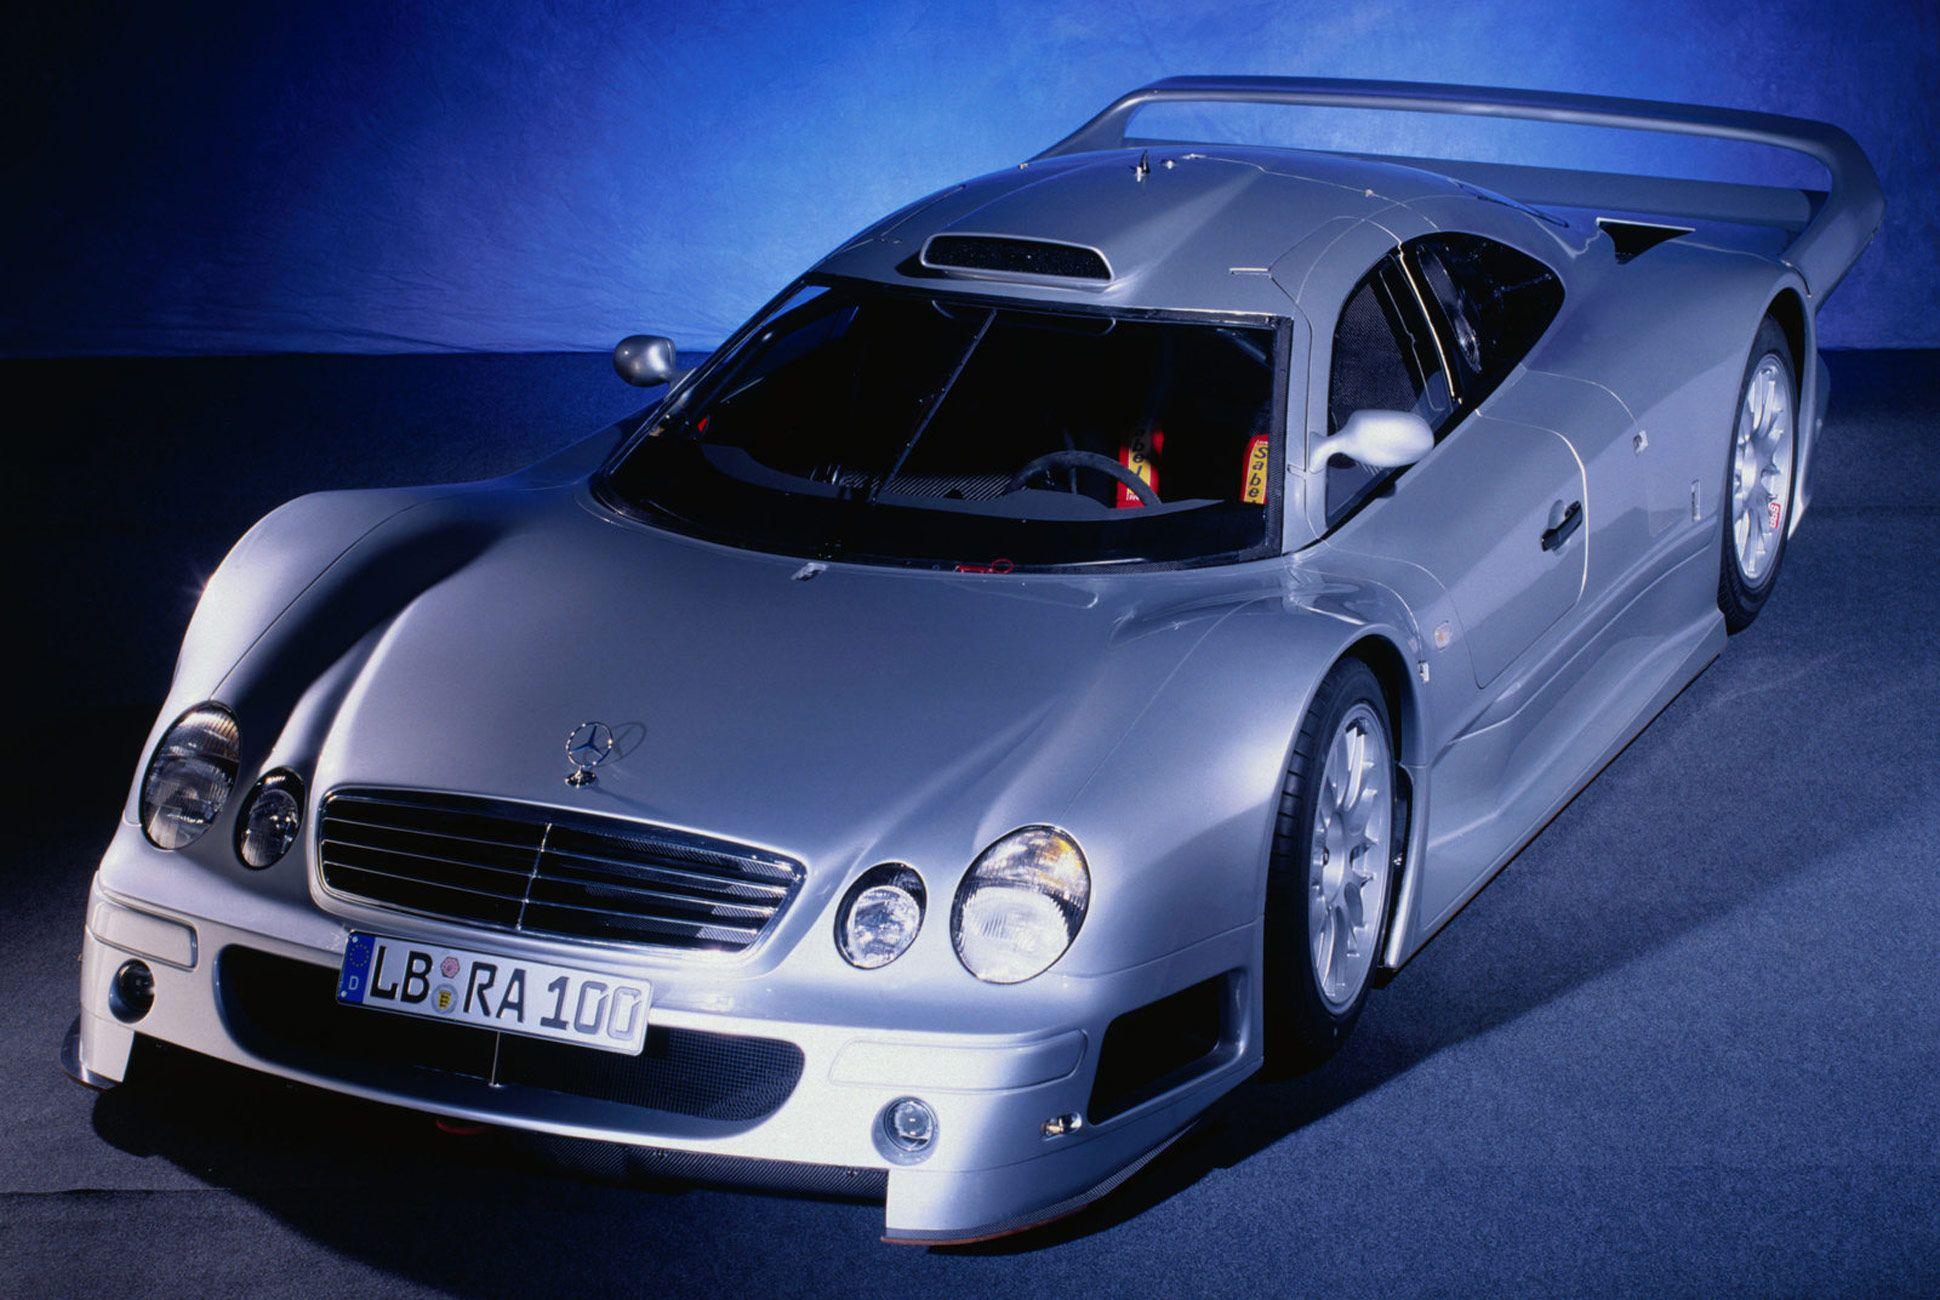 Mercedes-Benz-CLK_GTR-Gear-Patrol-Slide-3